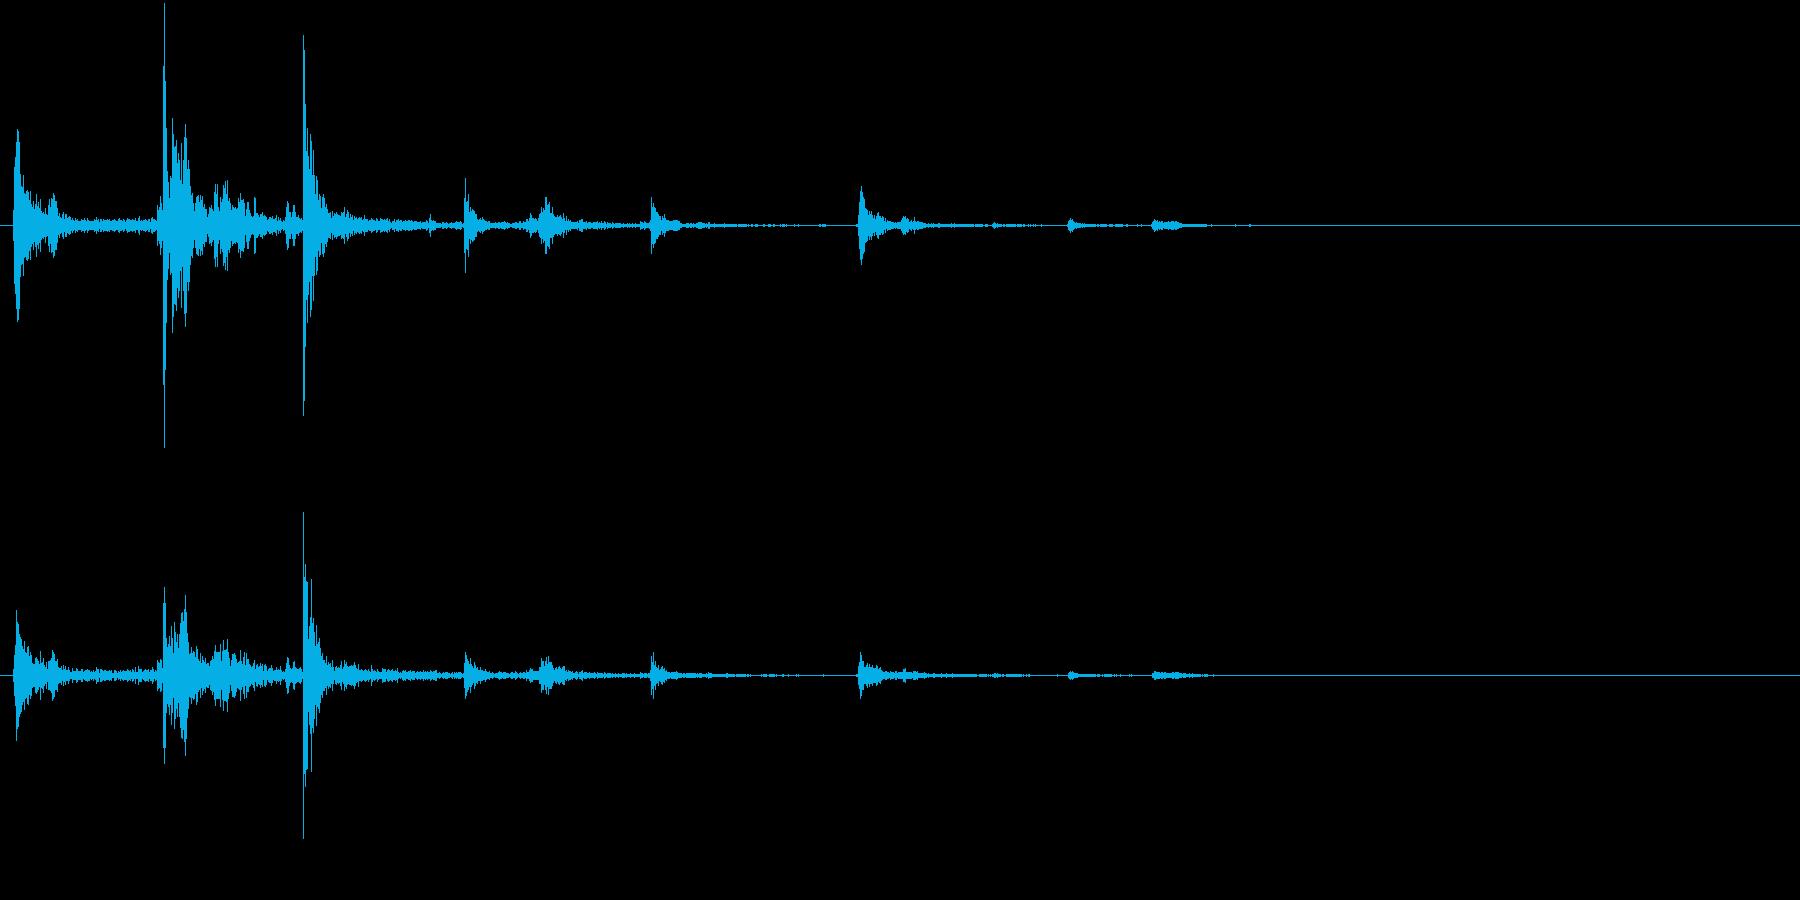 【生録音】ハンガーの音 8 スライドするの再生済みの波形